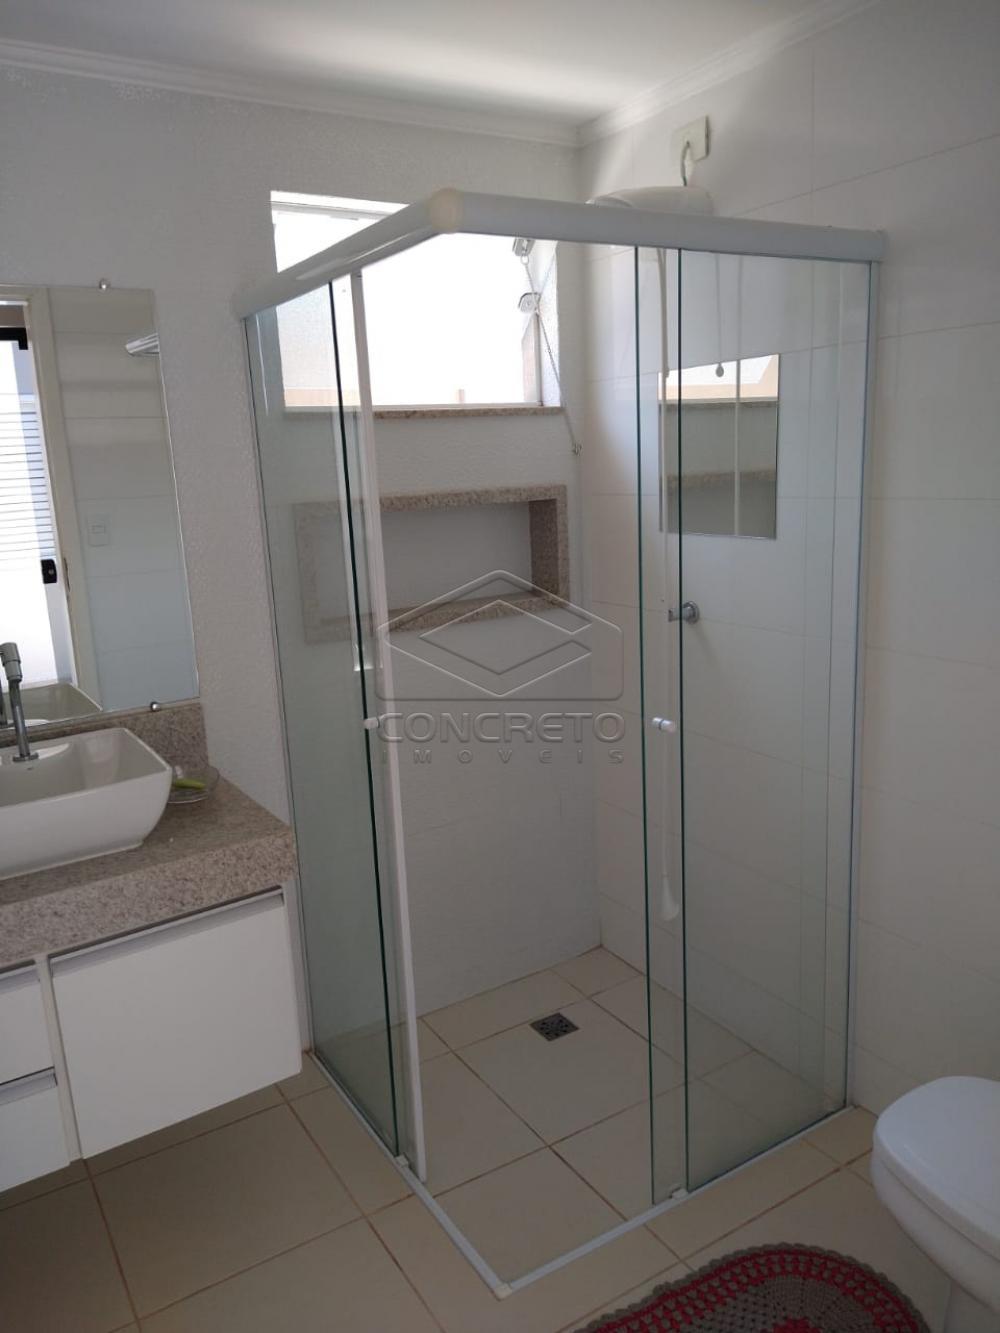 Alugar Casa / Residencia em Lençóis Paulista apenas R$ 4.000,00 - Foto 19